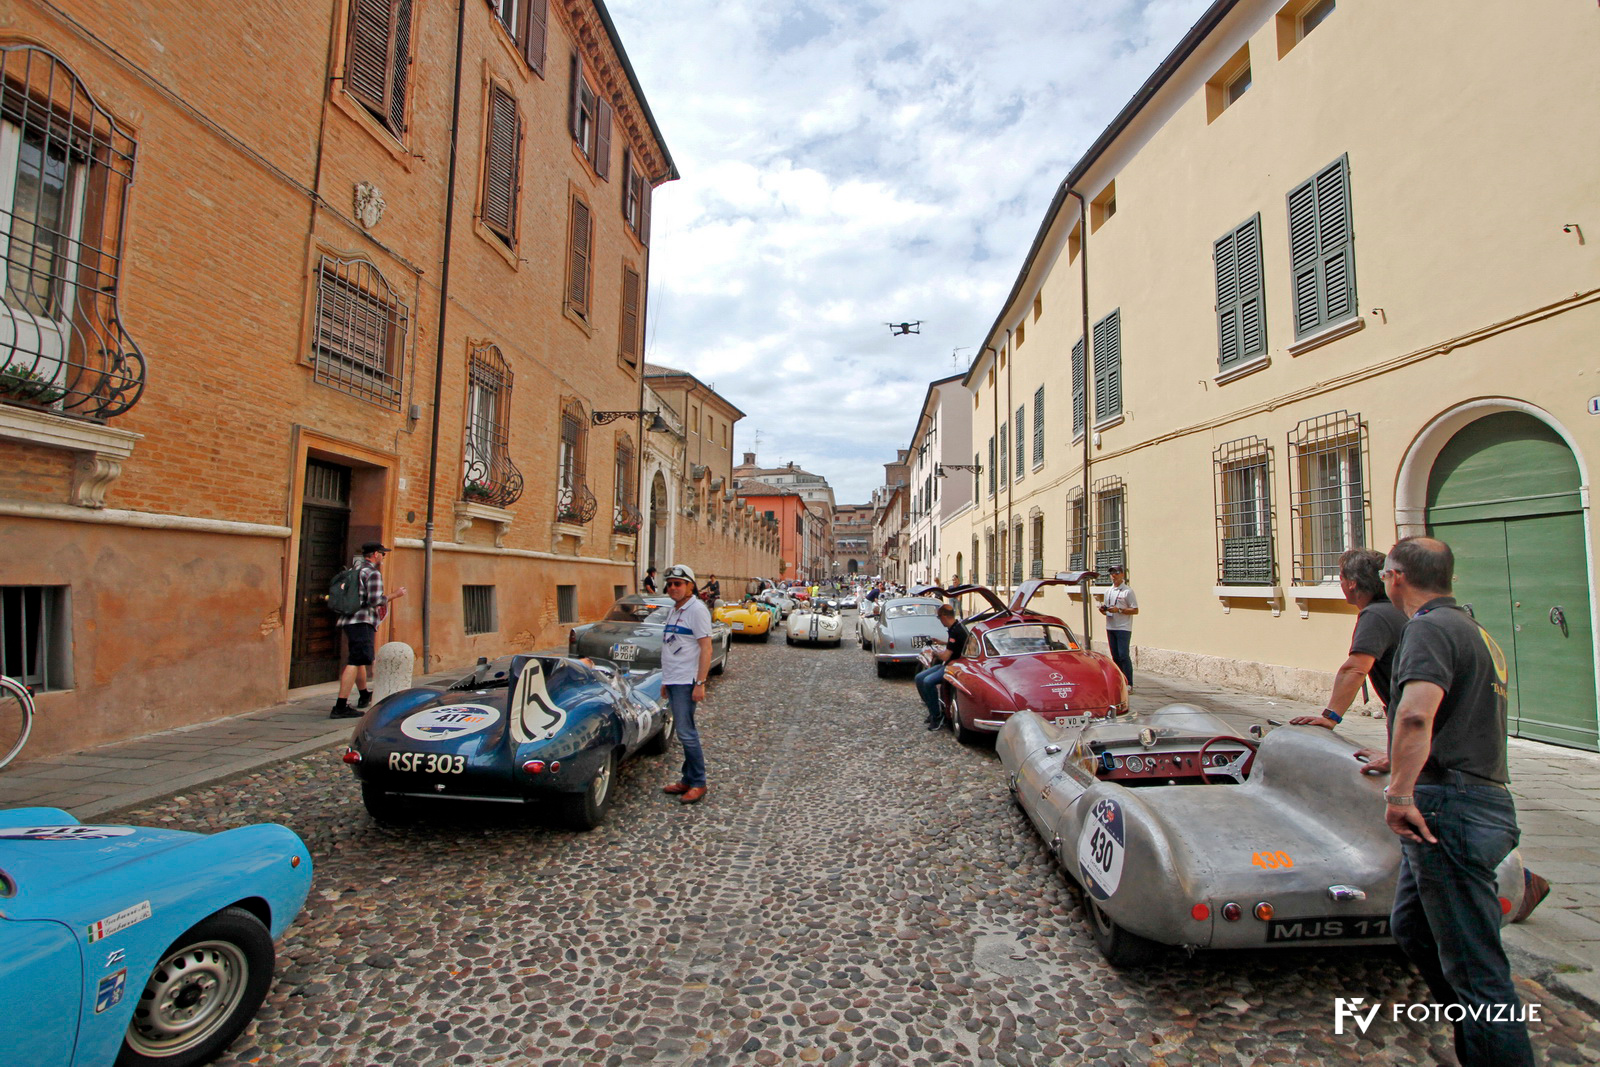 Ferrara je bila ena redkih prilik, da se je dalo videti večino avtomobilov udeleženih na dirki Mille Miglia